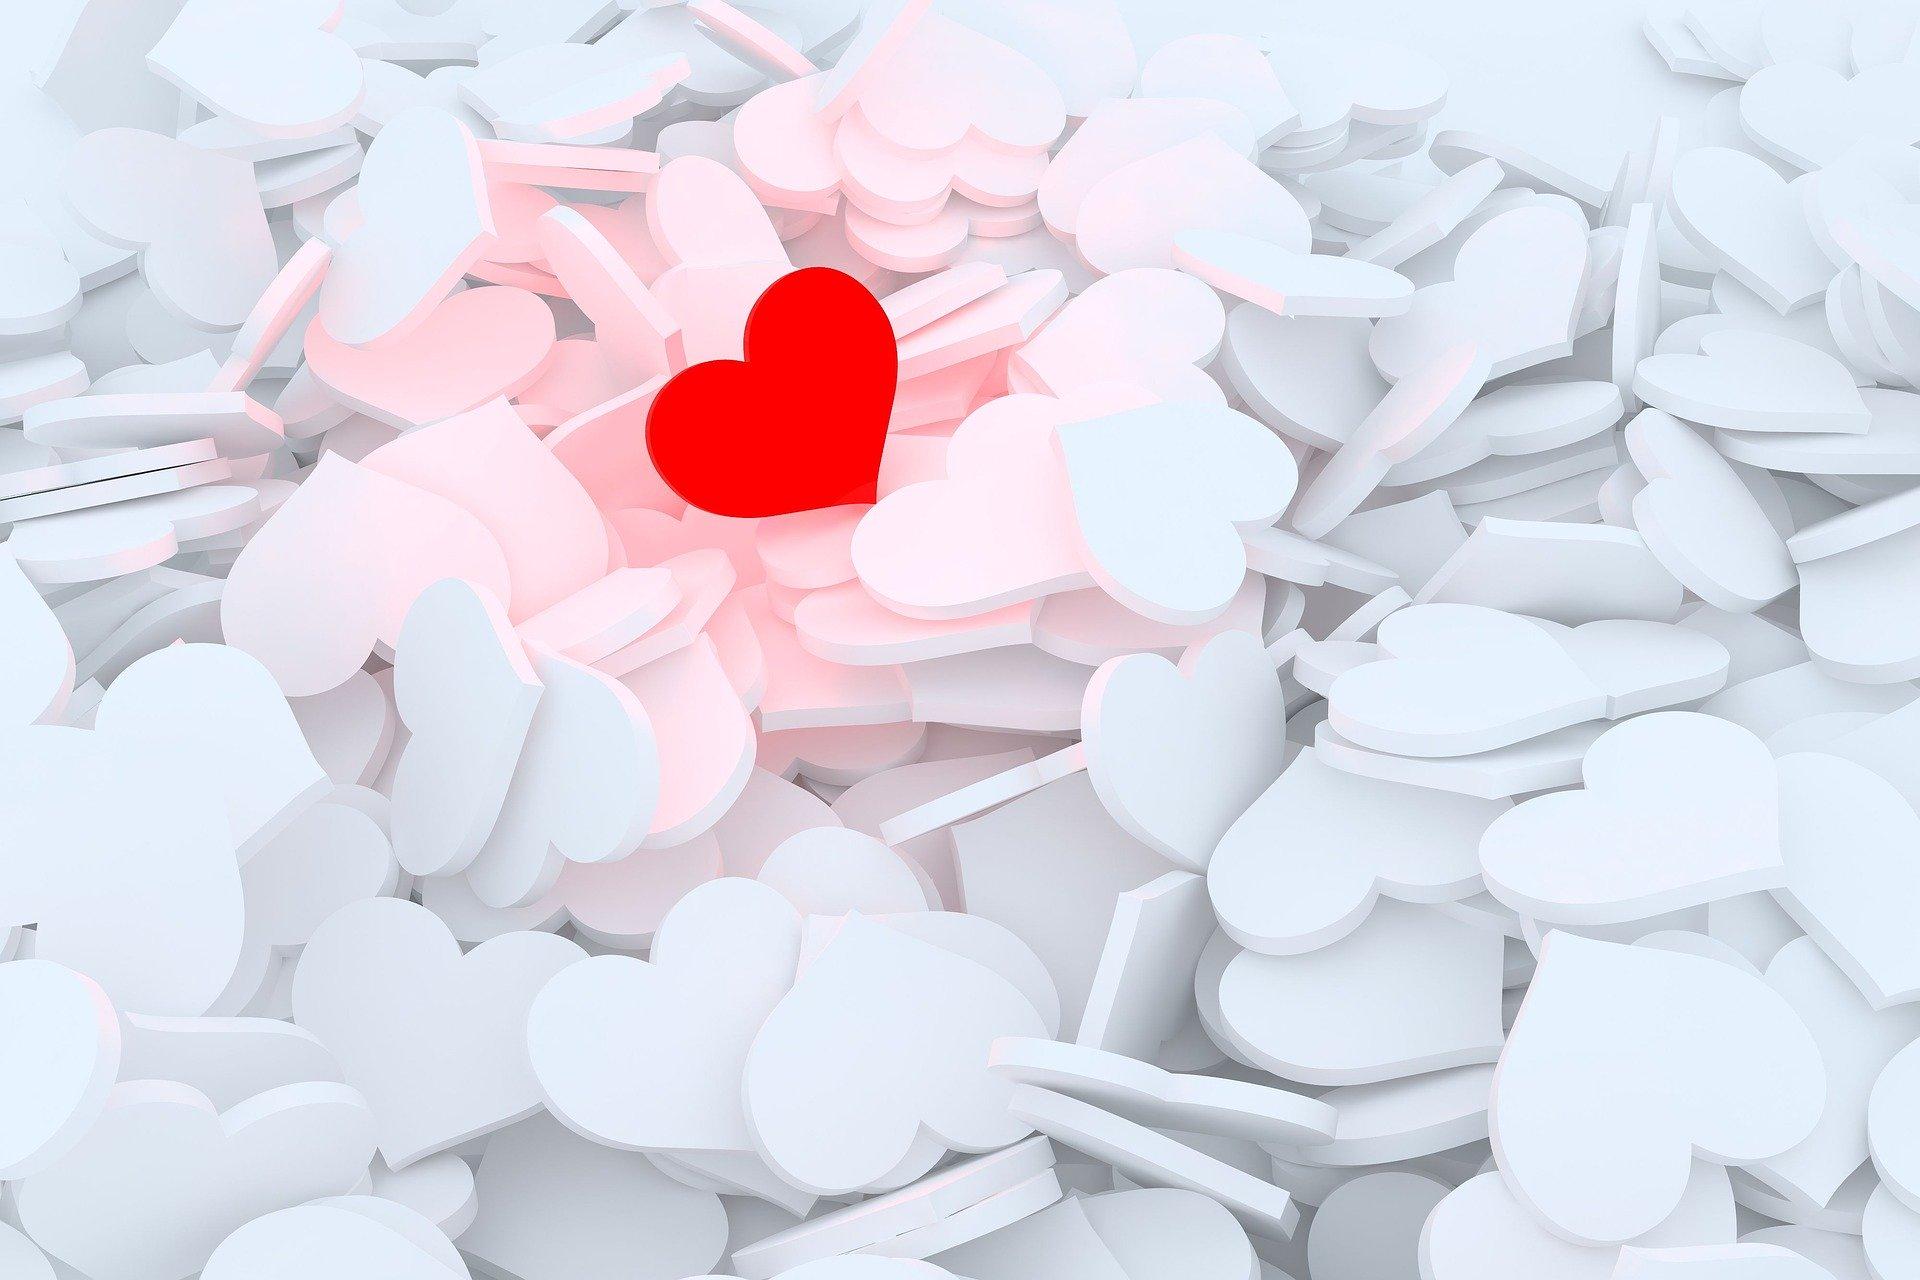 ámate para amar alexandra ponescu como encontrar la pareja ideal